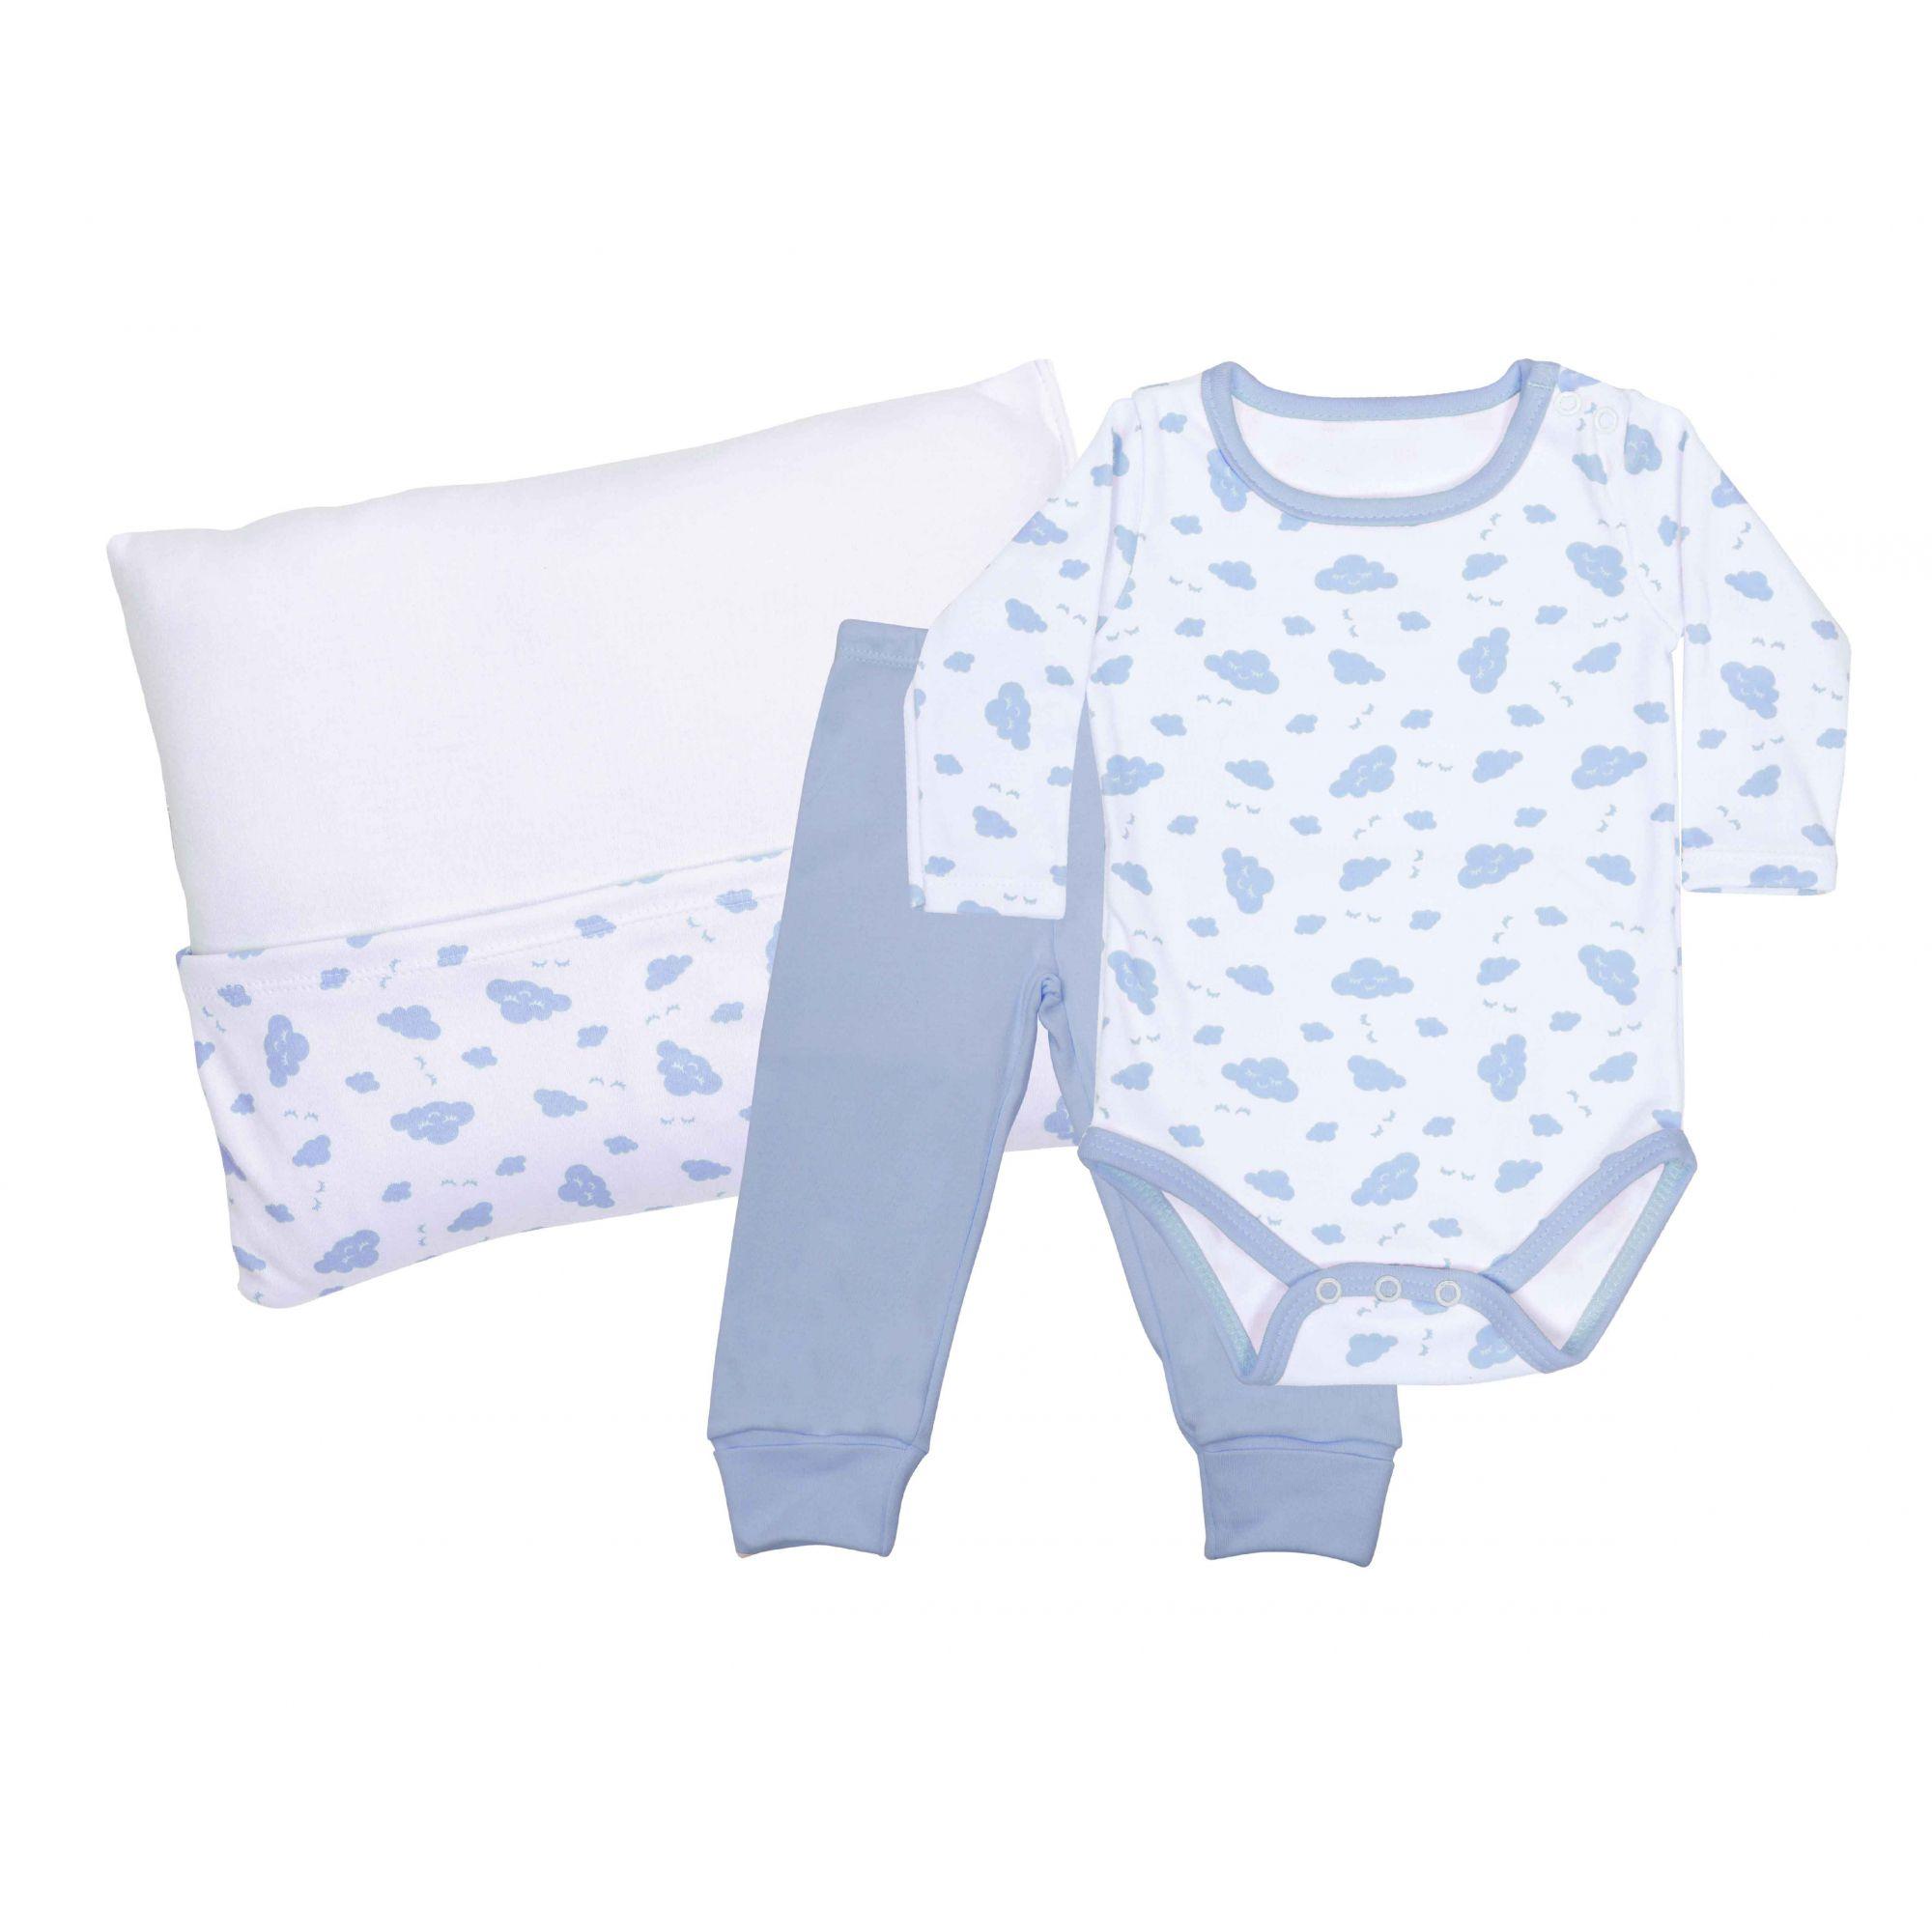 Kit Pijama Body Manga Longa, Calça e Travesseiro Azul